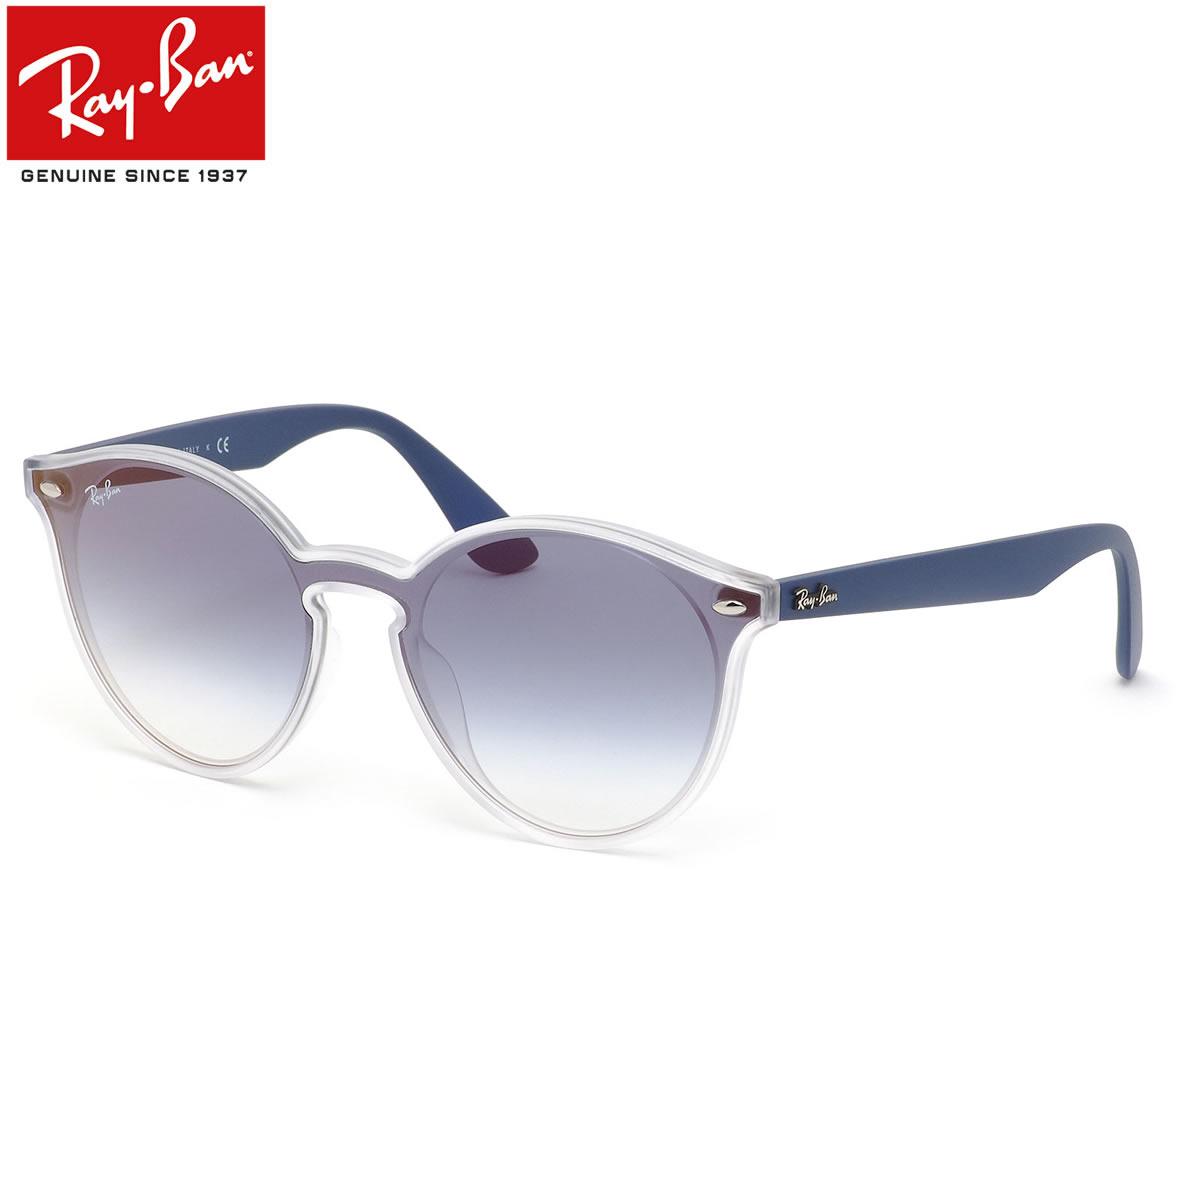 レイバン サングラス Ray-Ban RB4380NF 6356X0 139サイズ HIGHSTREET BLAZE ハイストリート ブレイズ レディースモデル RayBan 1枚レンズ フルフィット ブルー